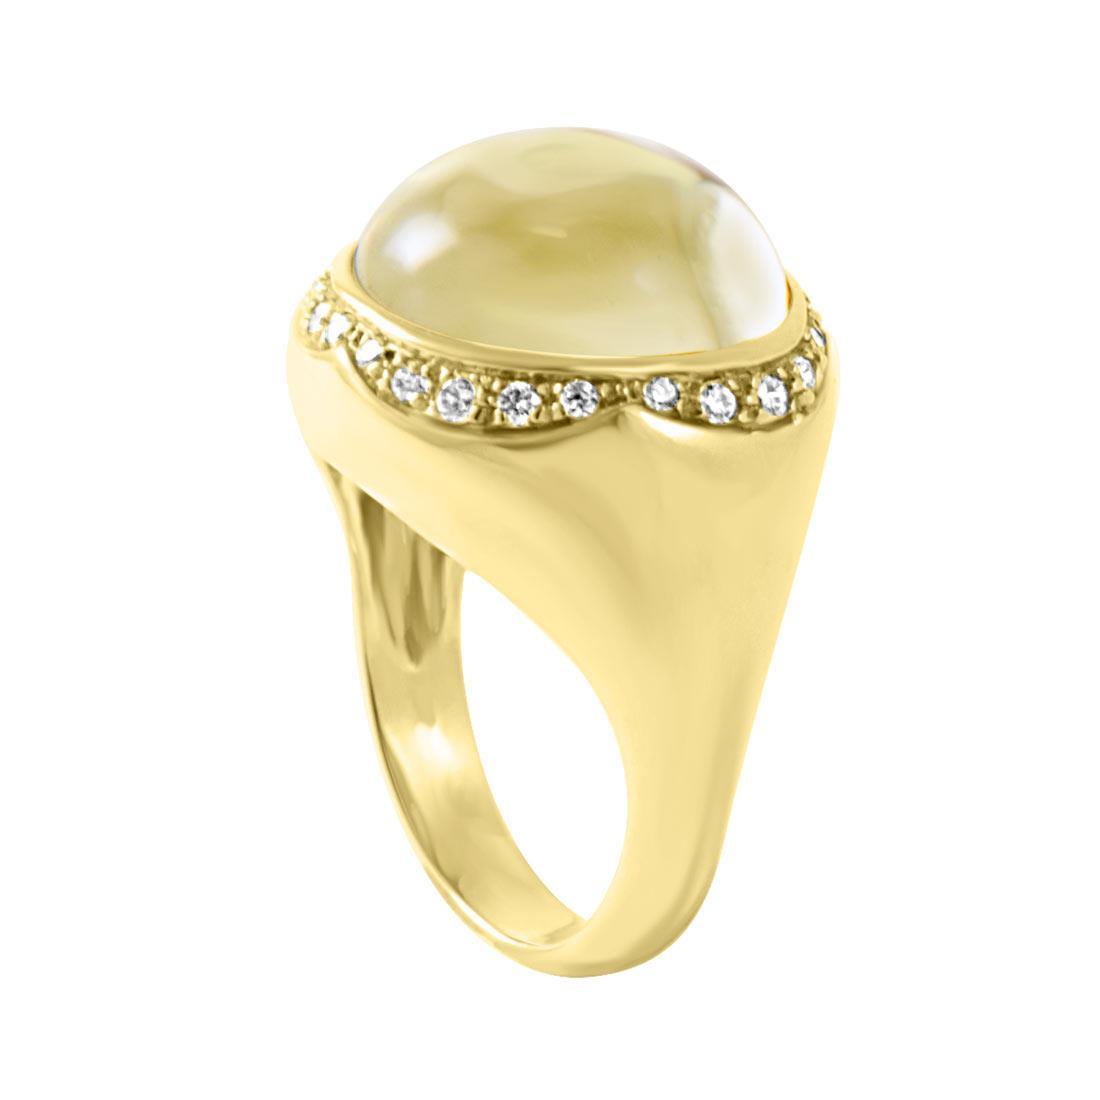 Anello in oro giallo con diamanti ct 0,34  misura 14 - PASQUALE BRUNI